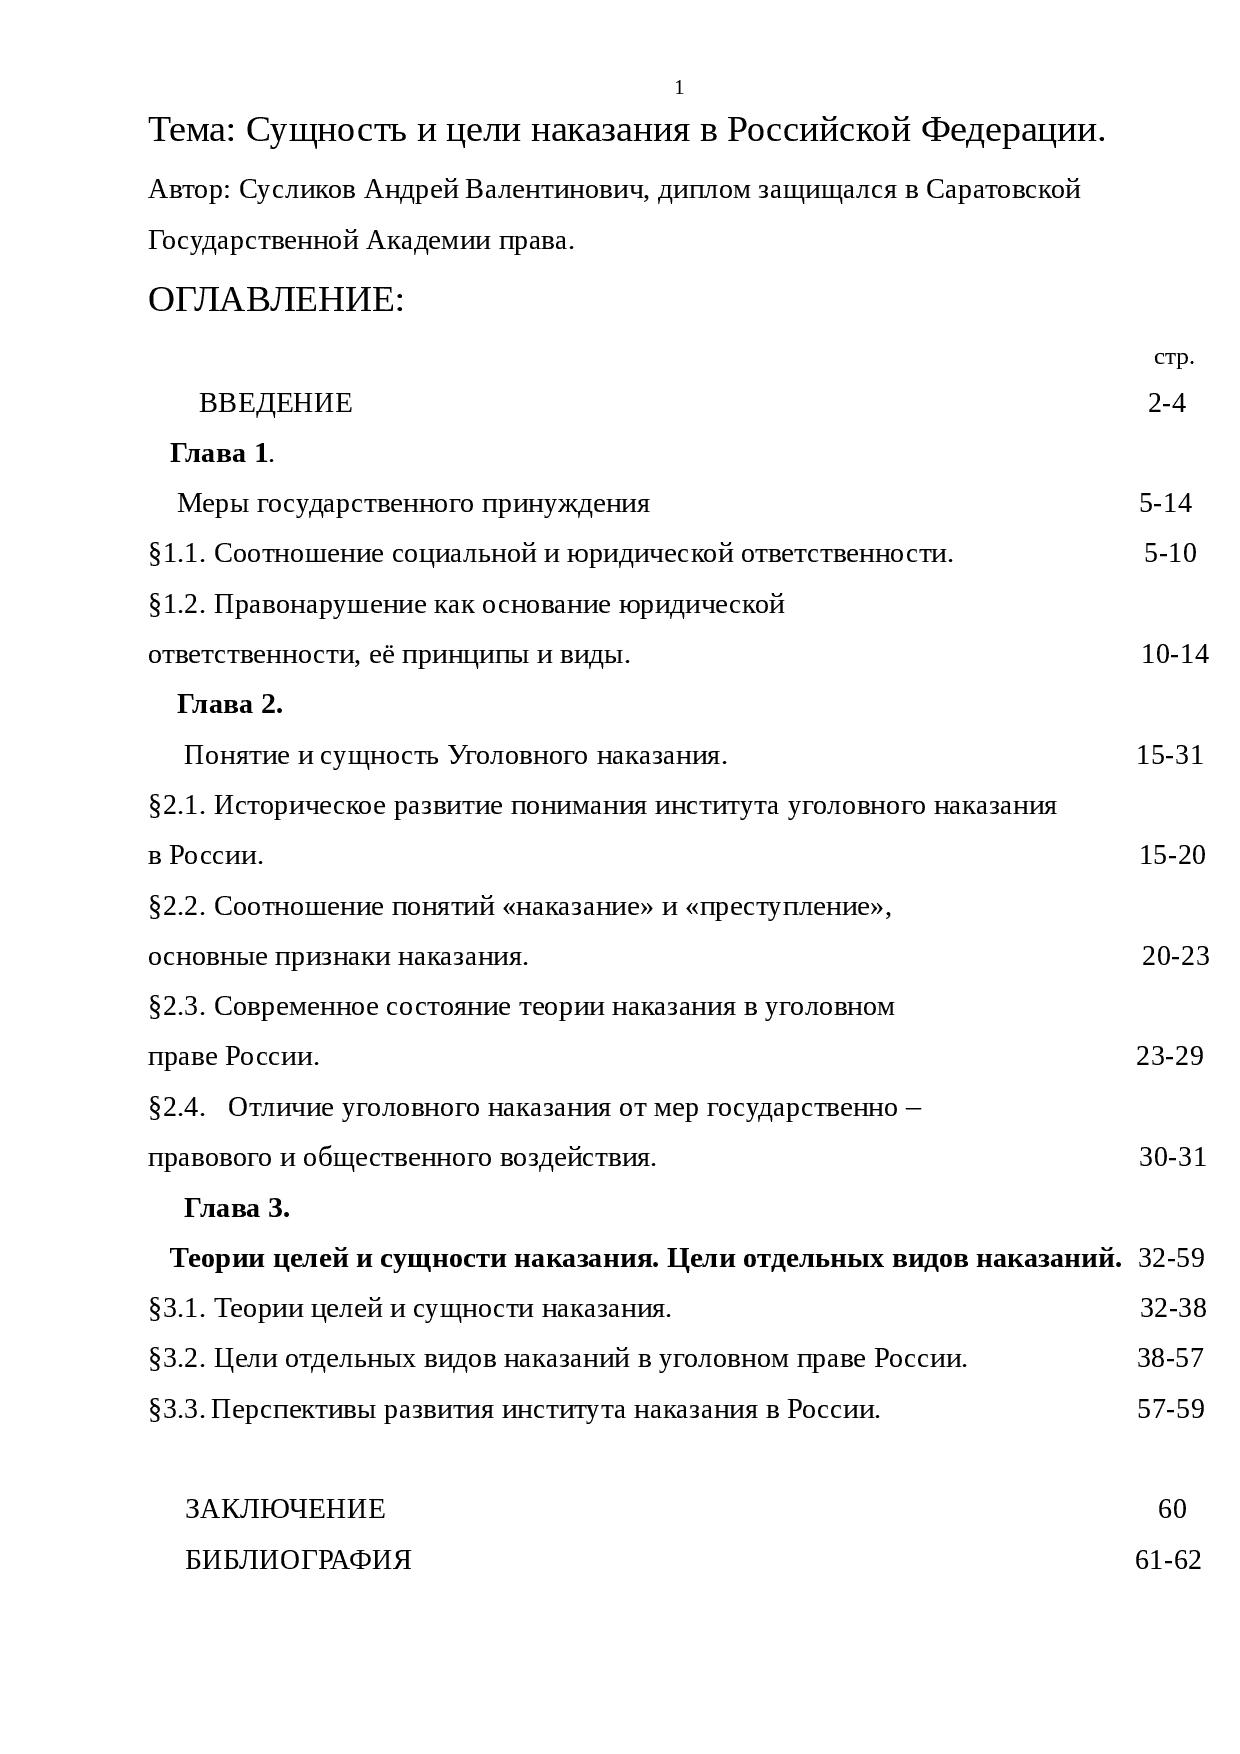 Уголовное наказание: понятие, признаки, цели, виды